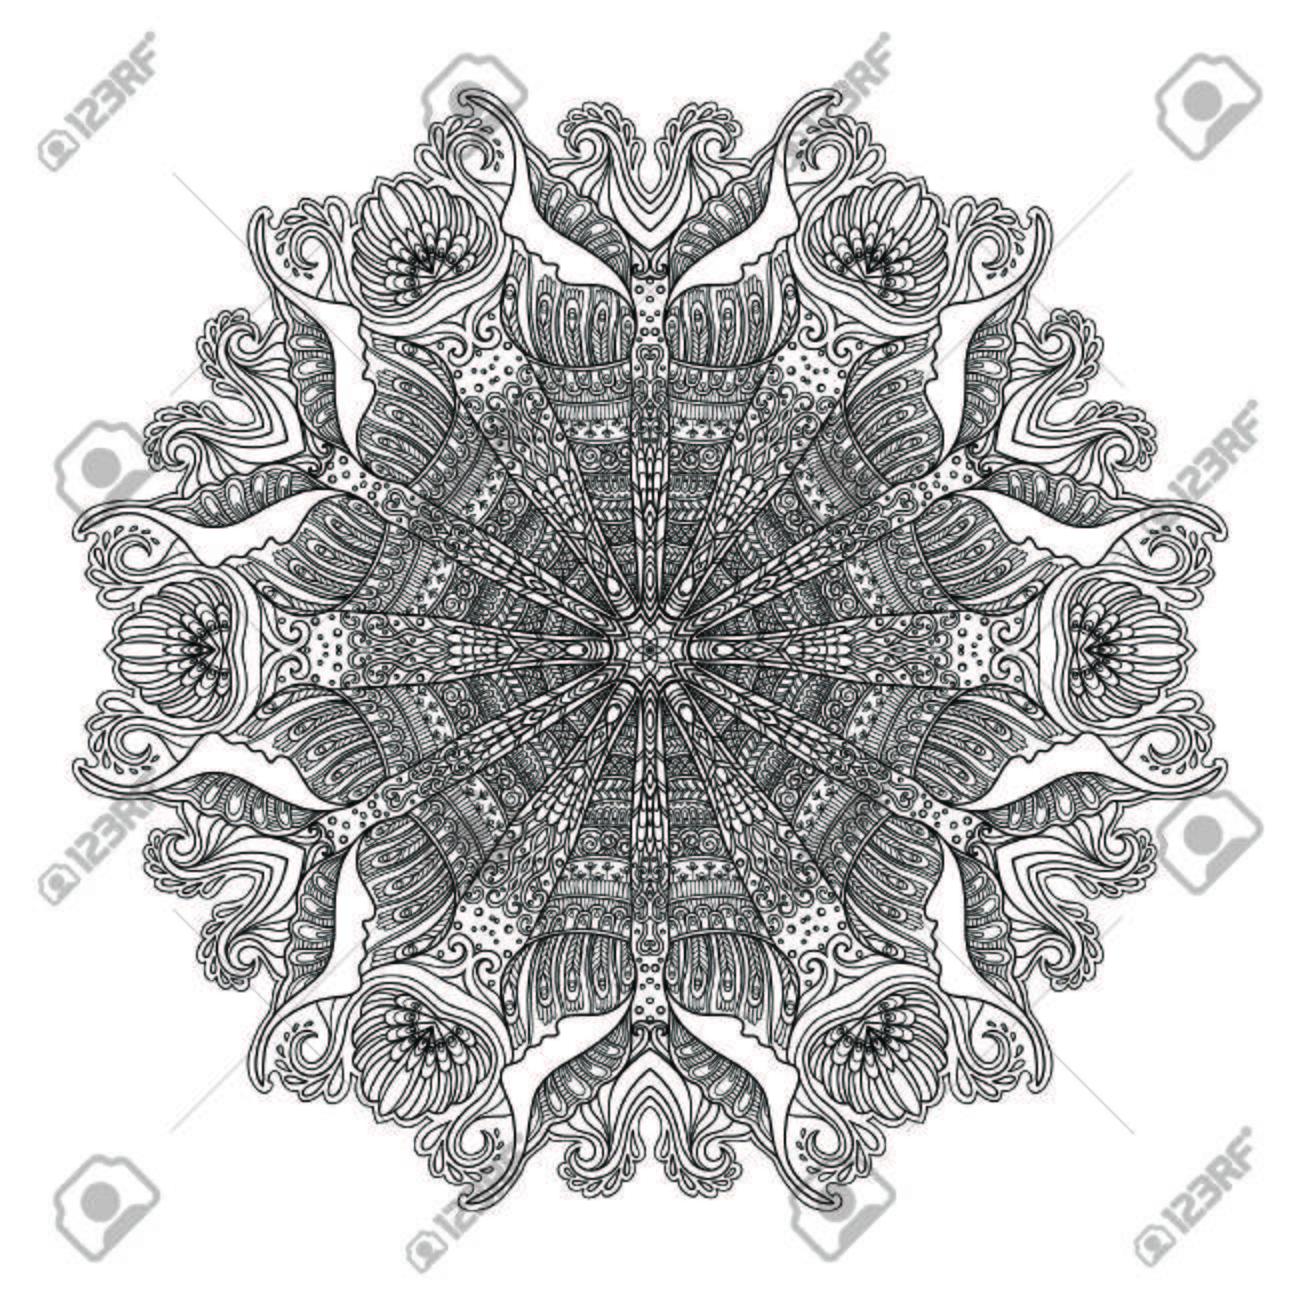 Vettoriale Mandala Di Mare Con Conchiglie Coralli E Pesci